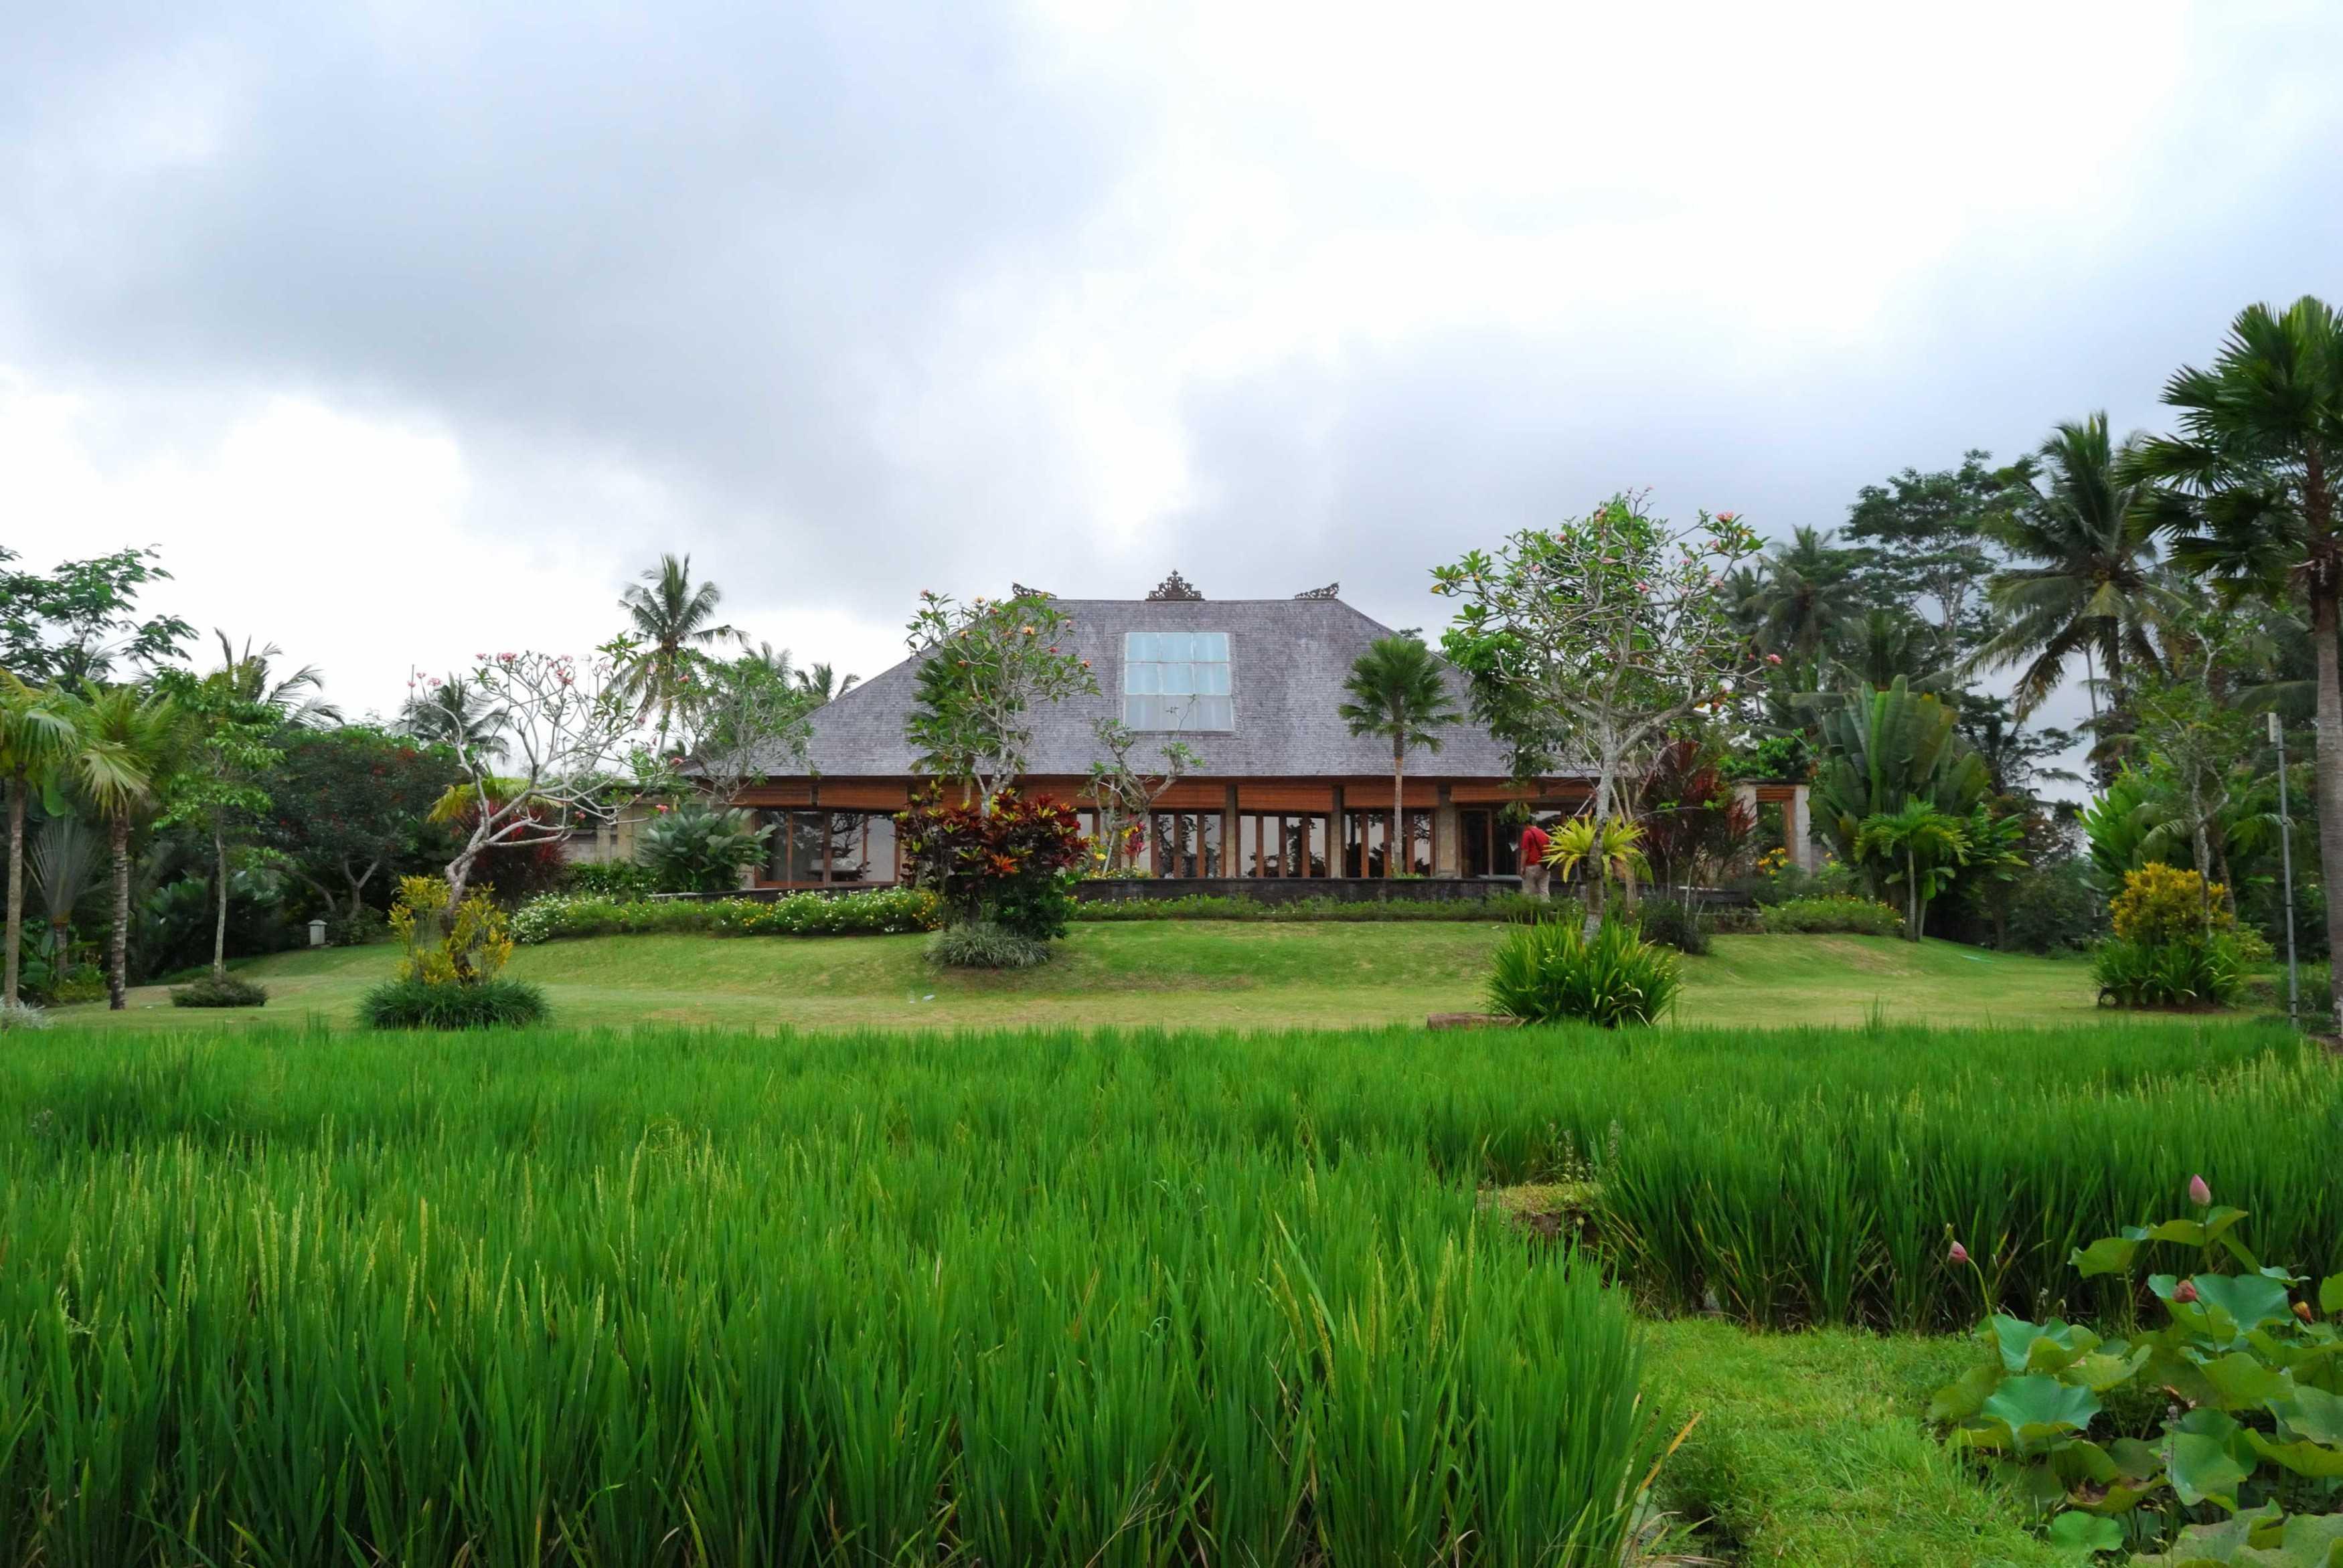 Made Dharmendra Architect Simmita Private Villa Pejeng Kangin, Tampaksiring, Kabupaten Gianyar, Bali, Indonesia Pejeng Kangin, Tampaksiring, Kabupaten Gianyar, Bali, Indonesia Exterior View   49313